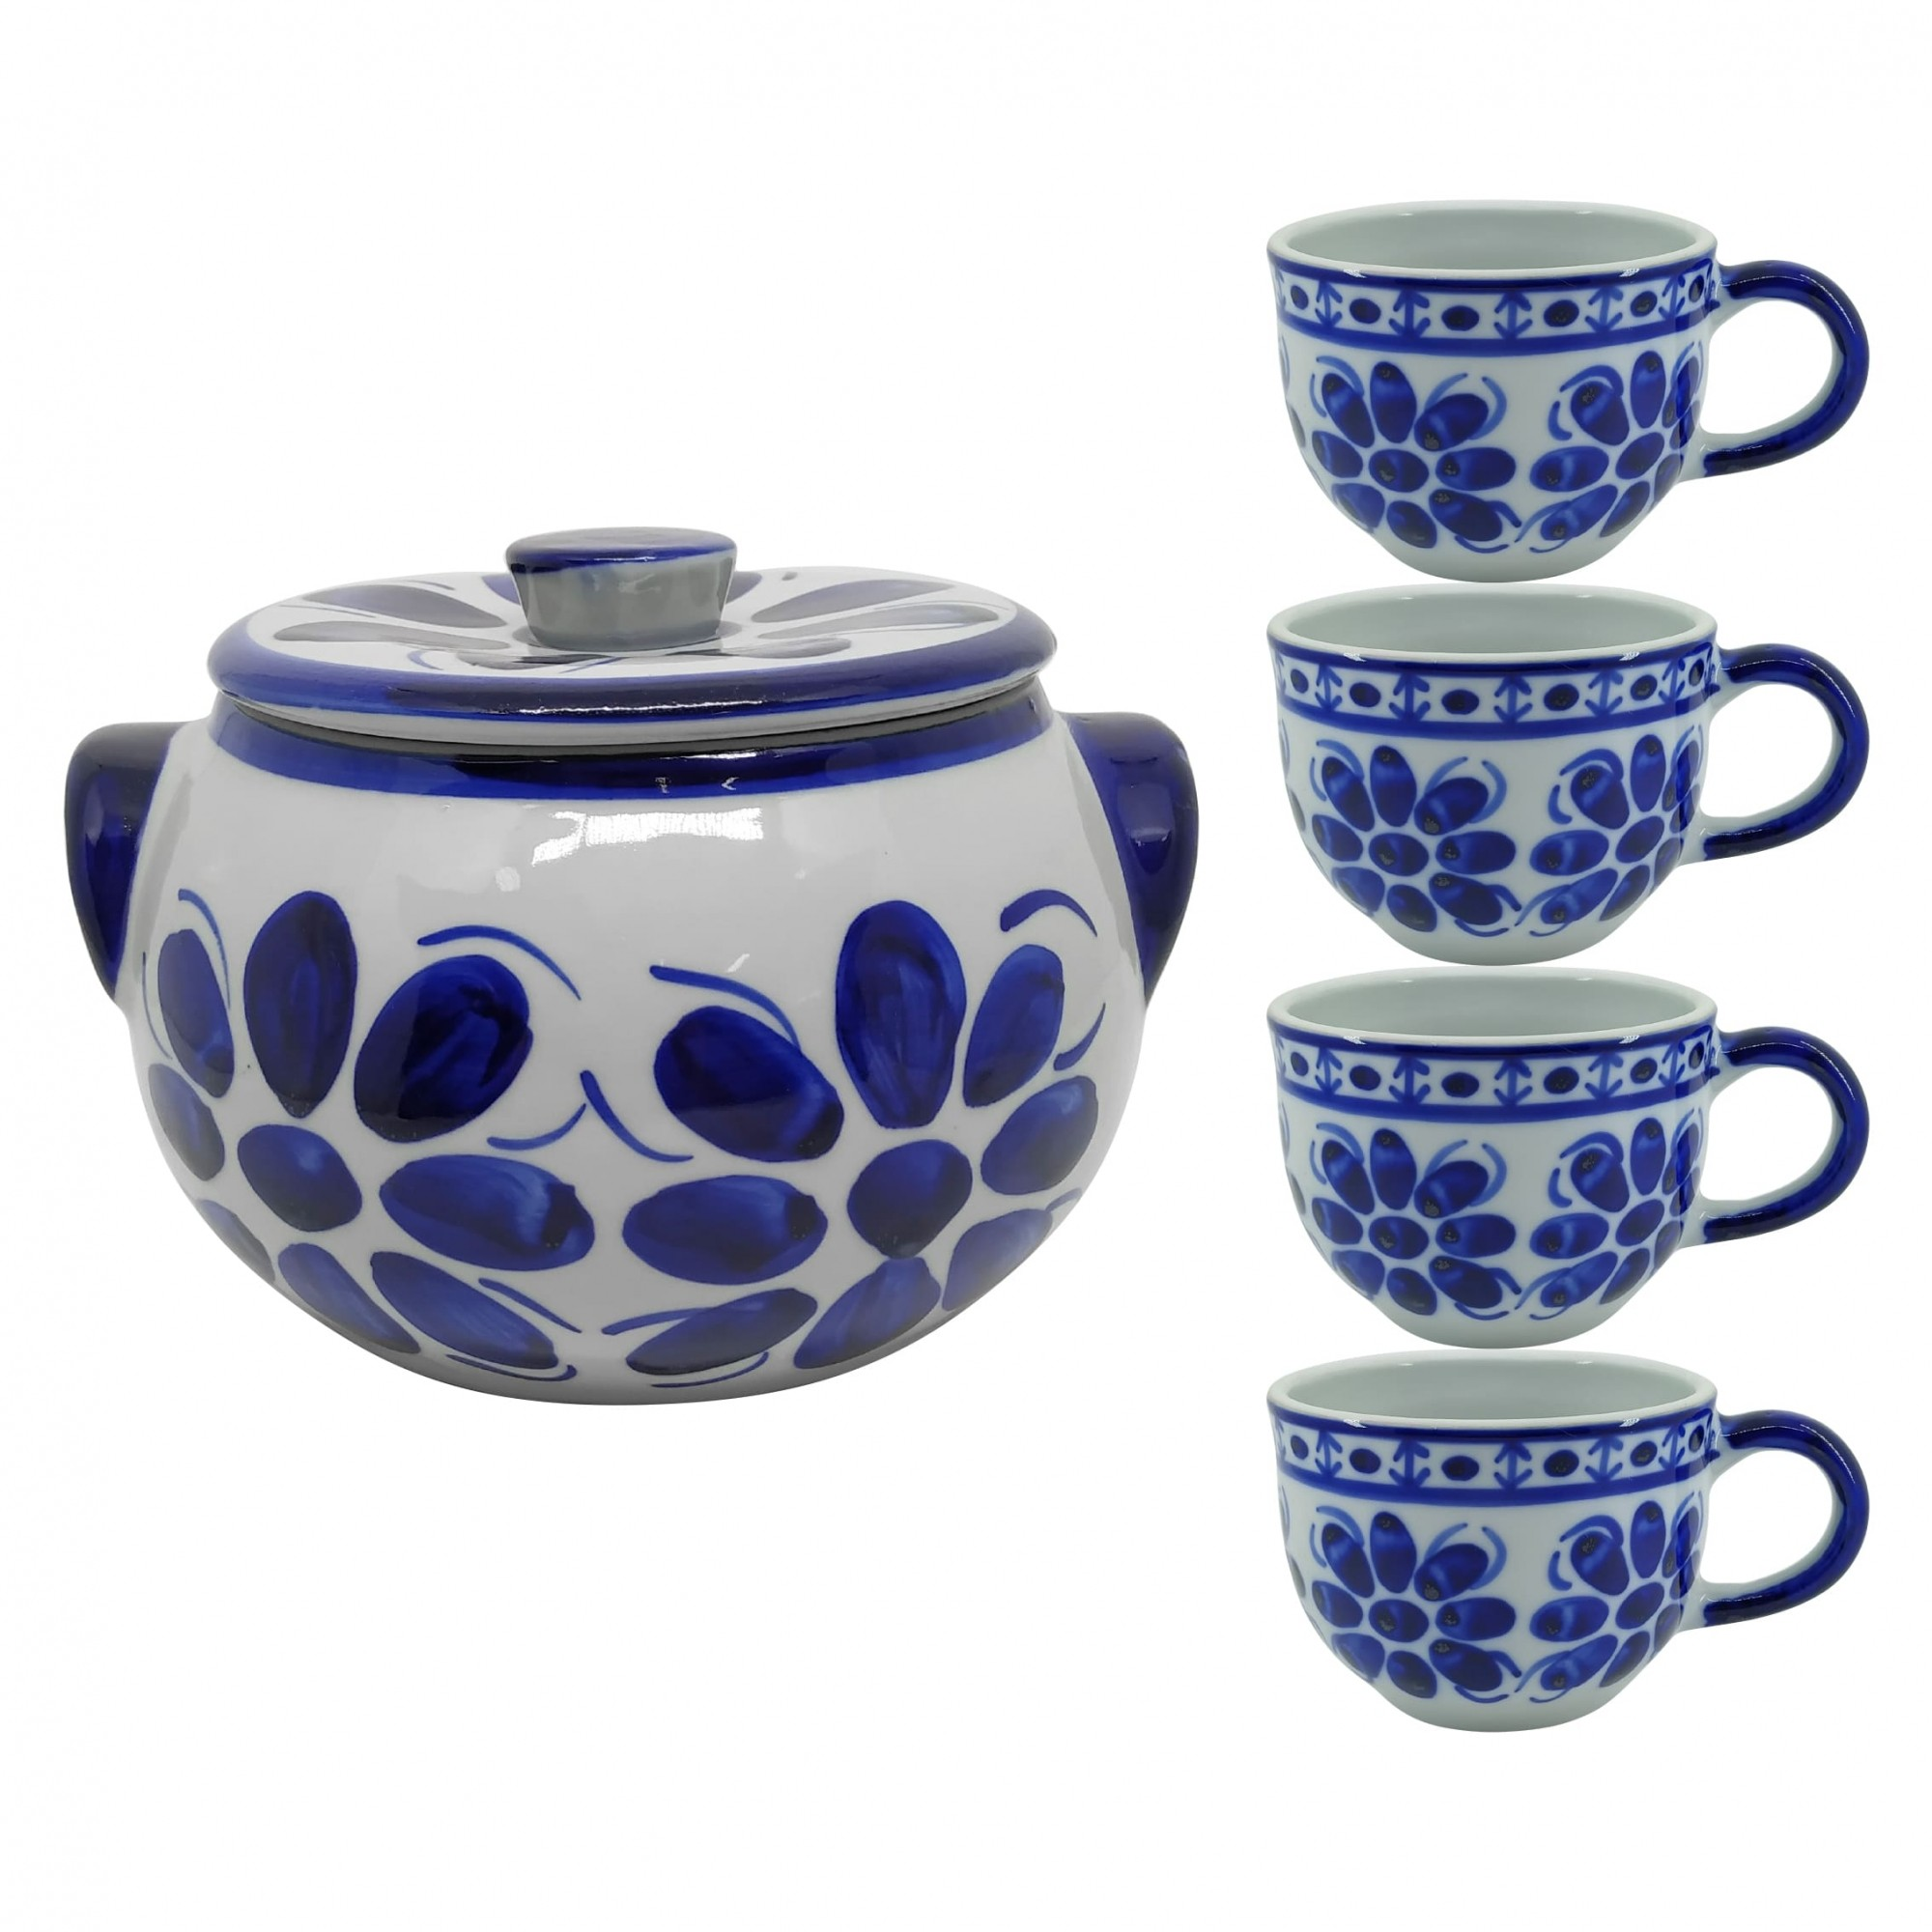 Jogo de Sopa em Porcelana Azul Colonial 7 peças